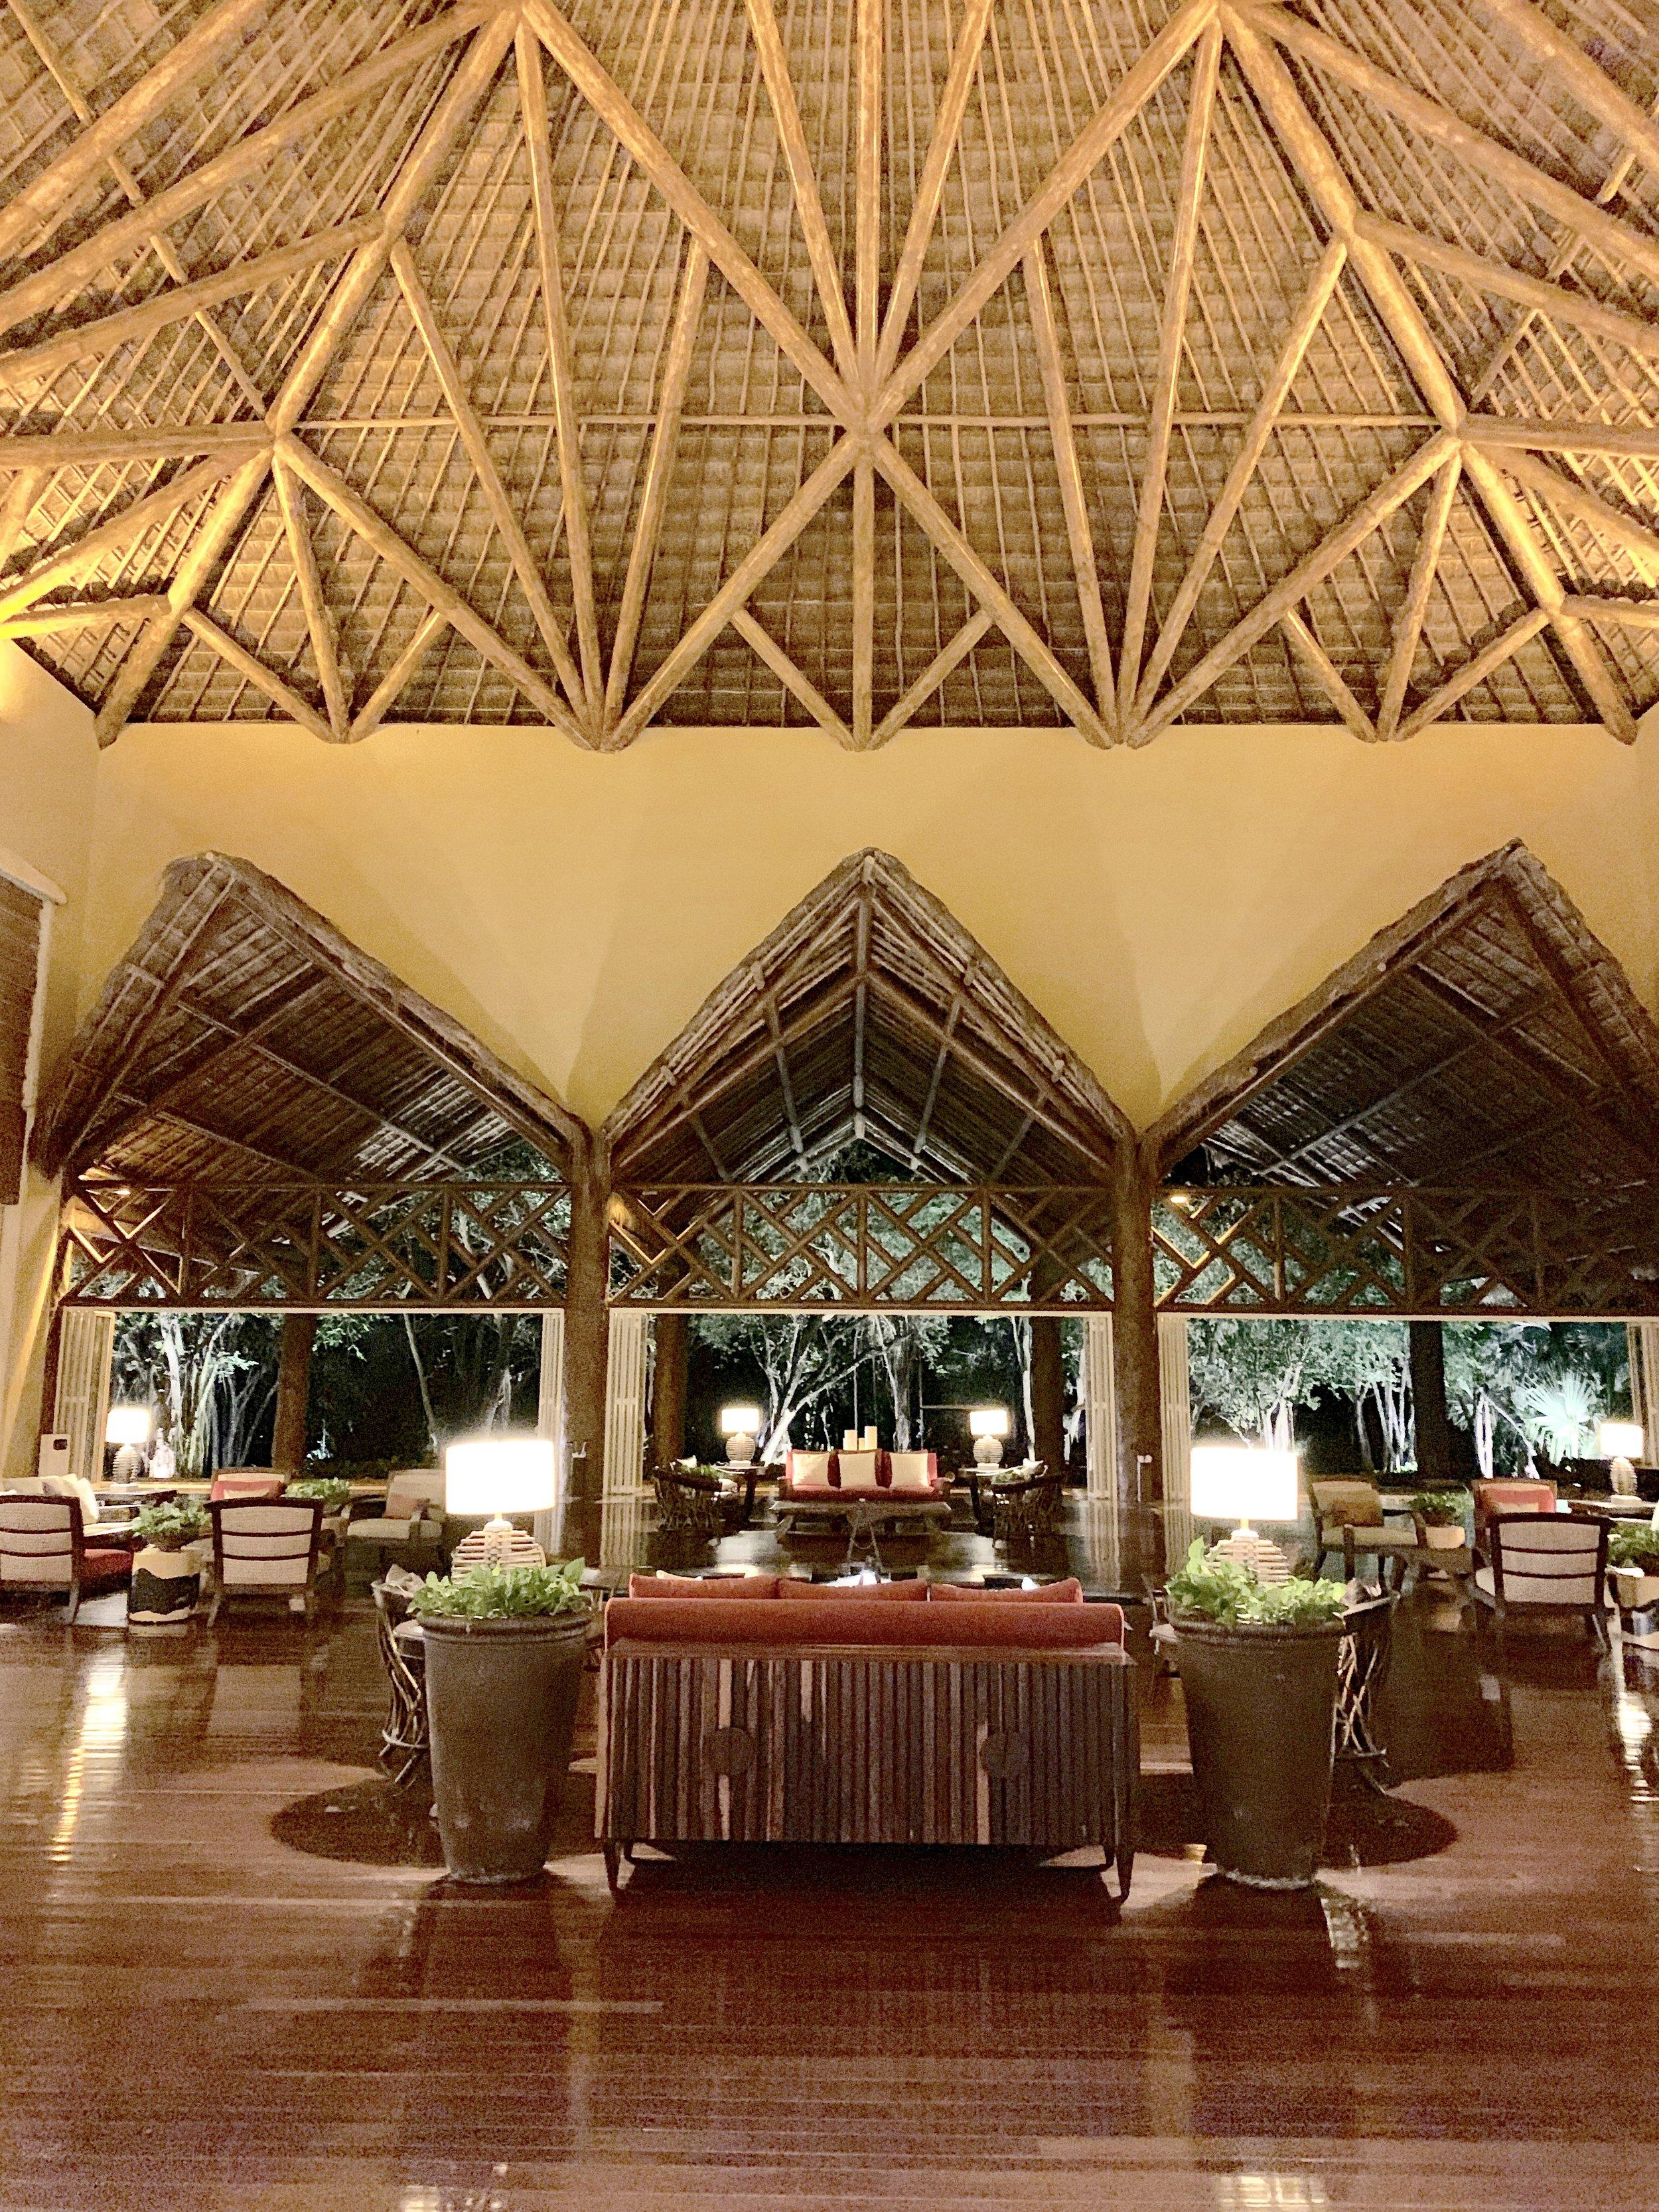 Entrance at the Zen Grand Experience at the Grand Velas Riviera Maya